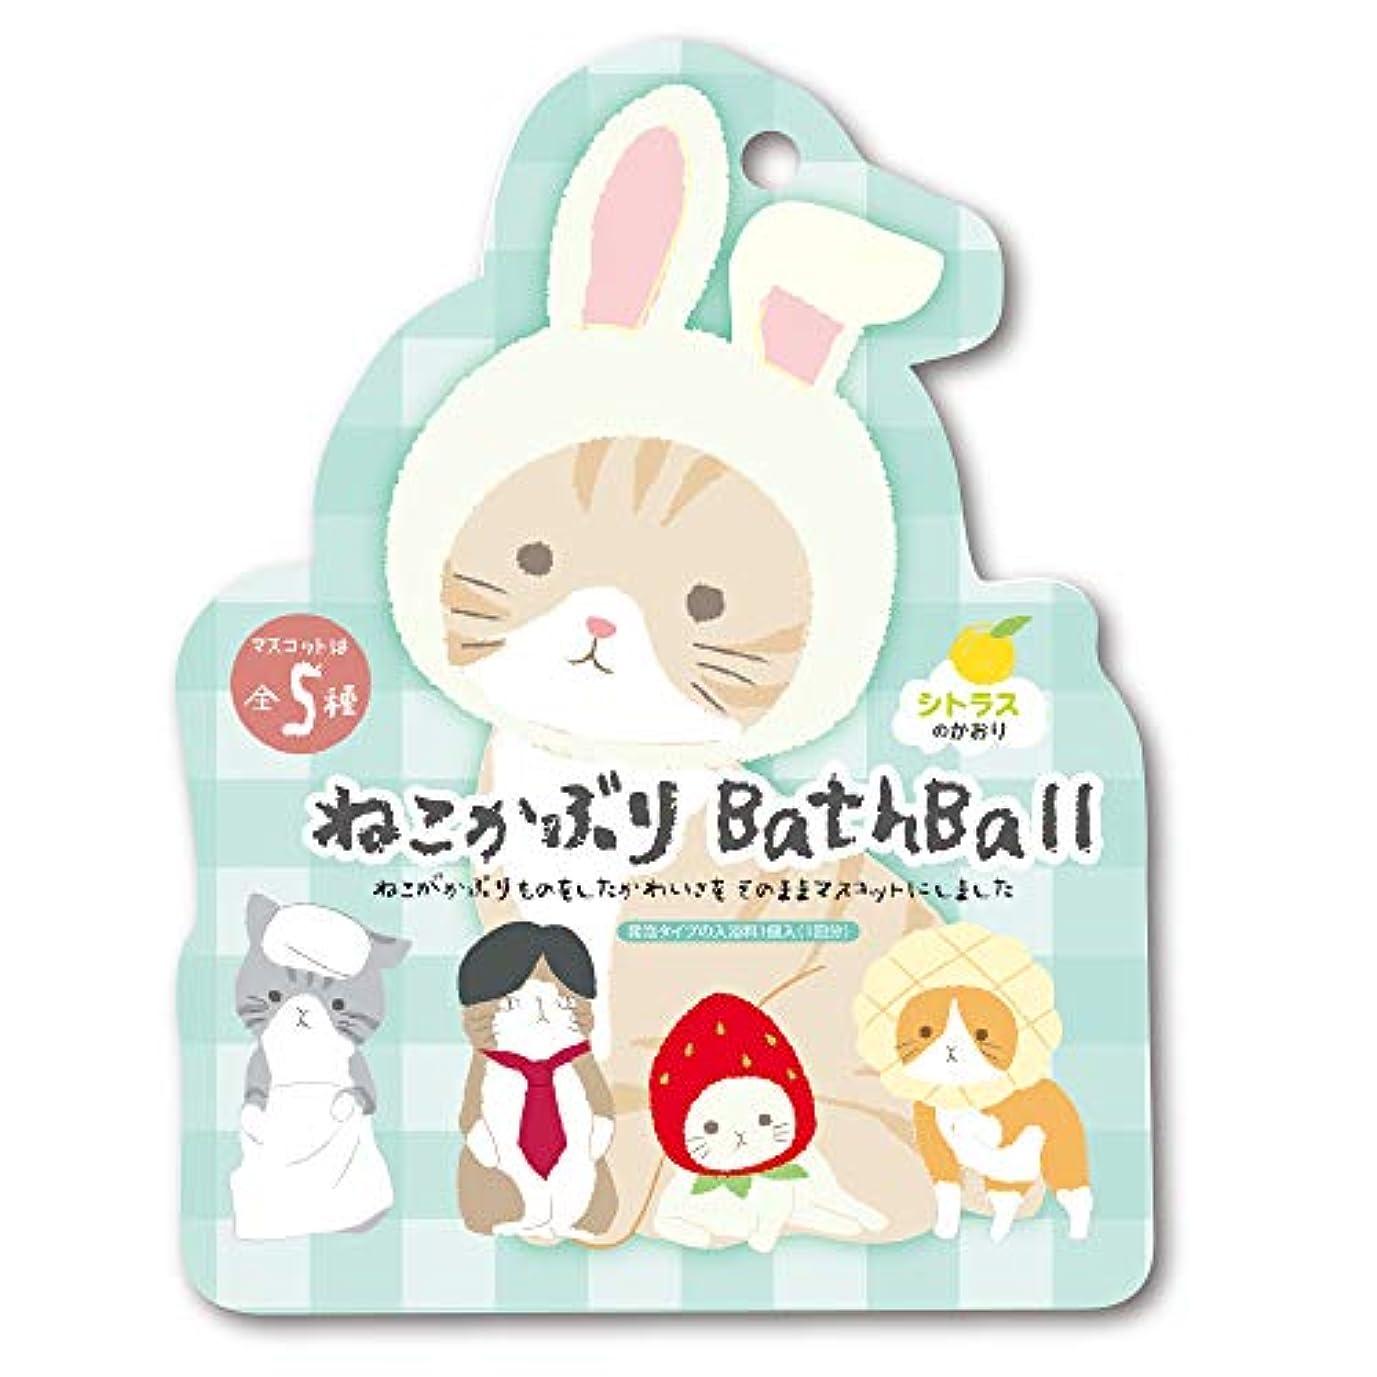 カバー受付夜明けねこかぶり 入浴剤 バスボール おまけ付き シトラスの香り 50g OB-NEB-3-1